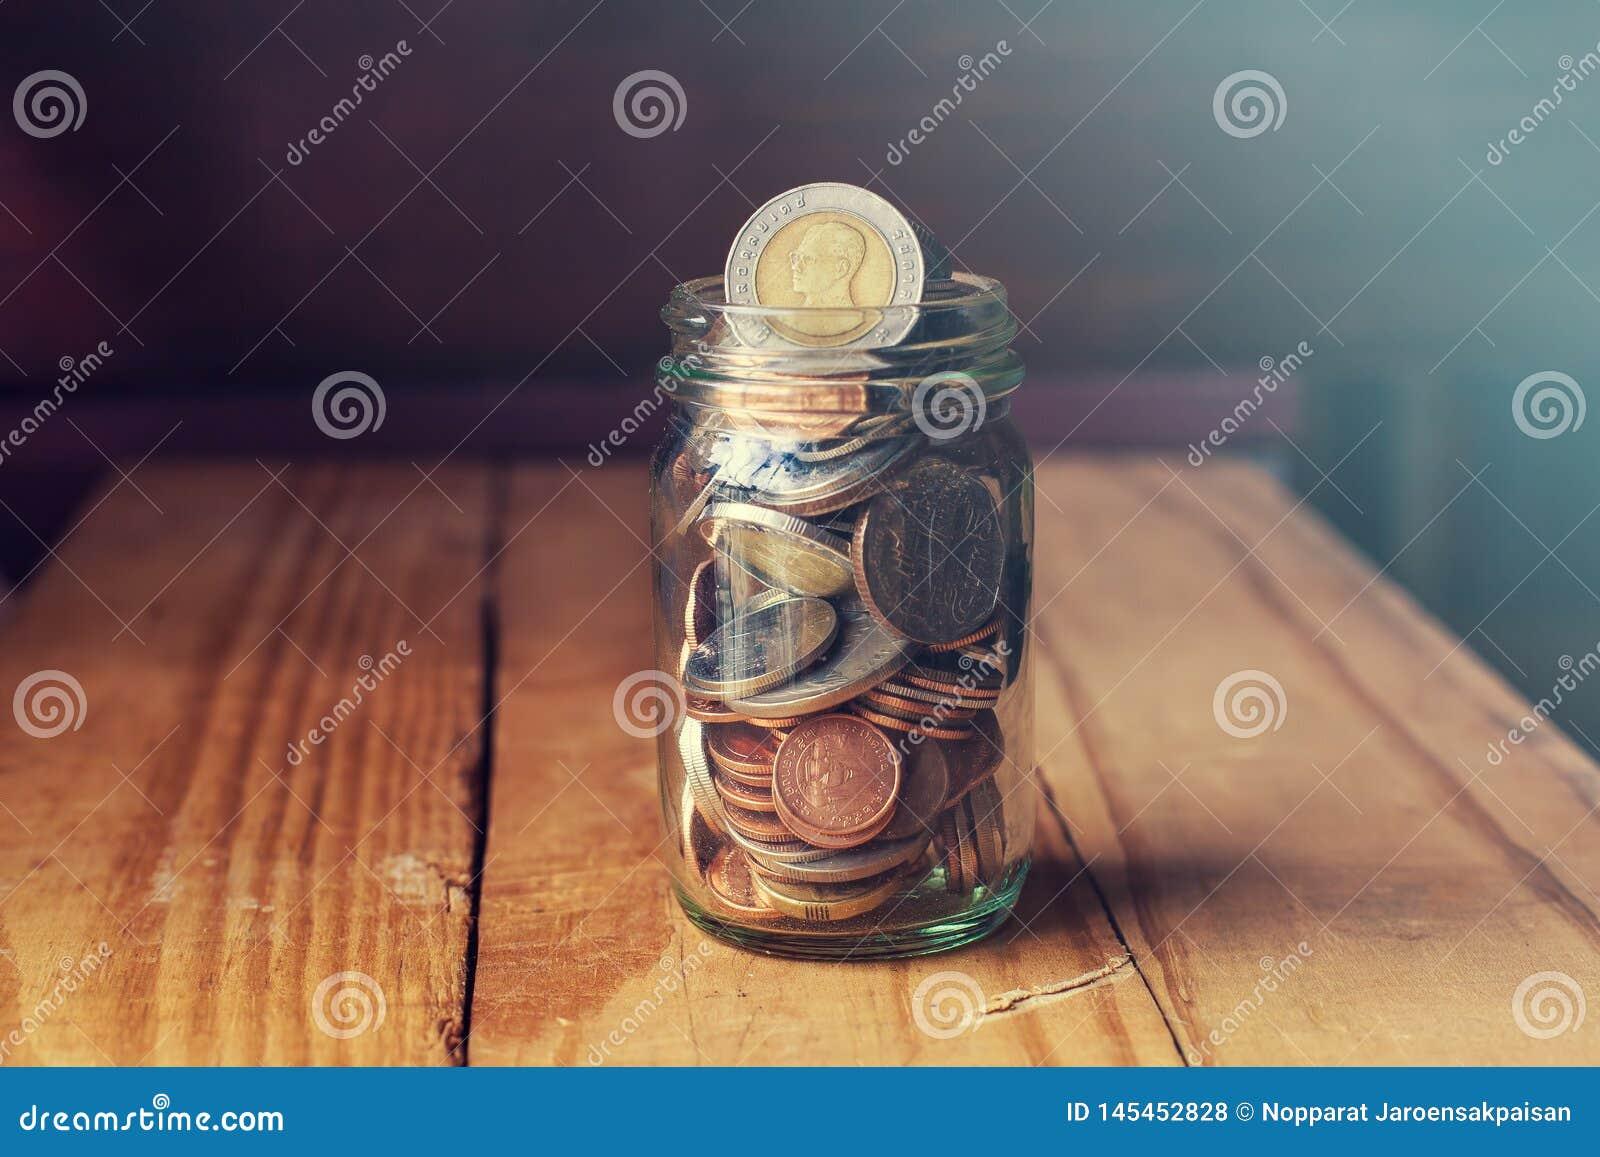 Νομίσματα στο βάζο γυαλιού στον ξύλινο πίνακα, που σώζει την έννοια χρημάτων